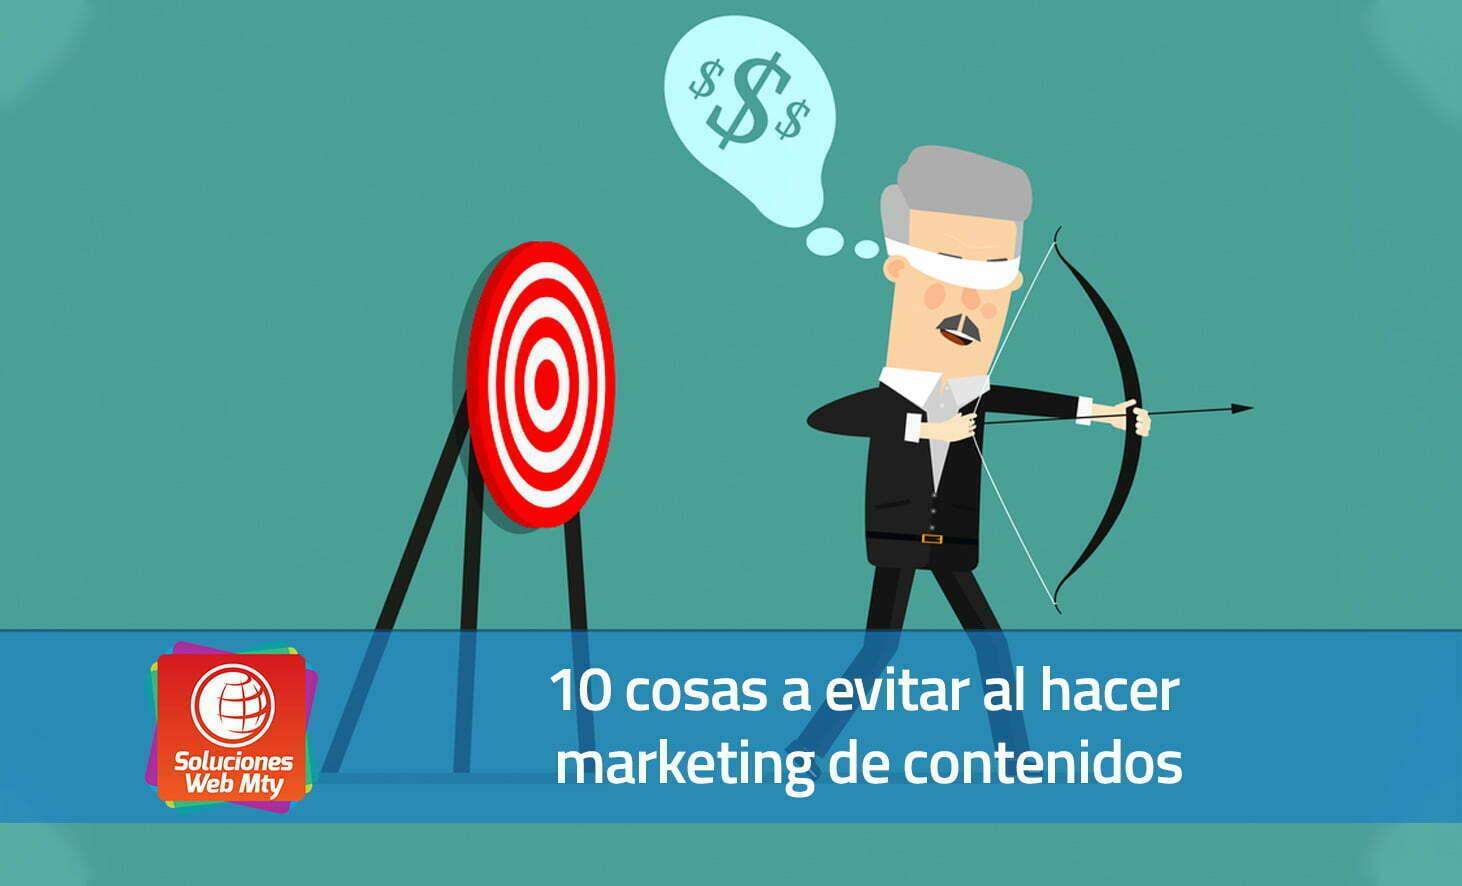 10 cosas a evitar al hacer marketing de contenidos